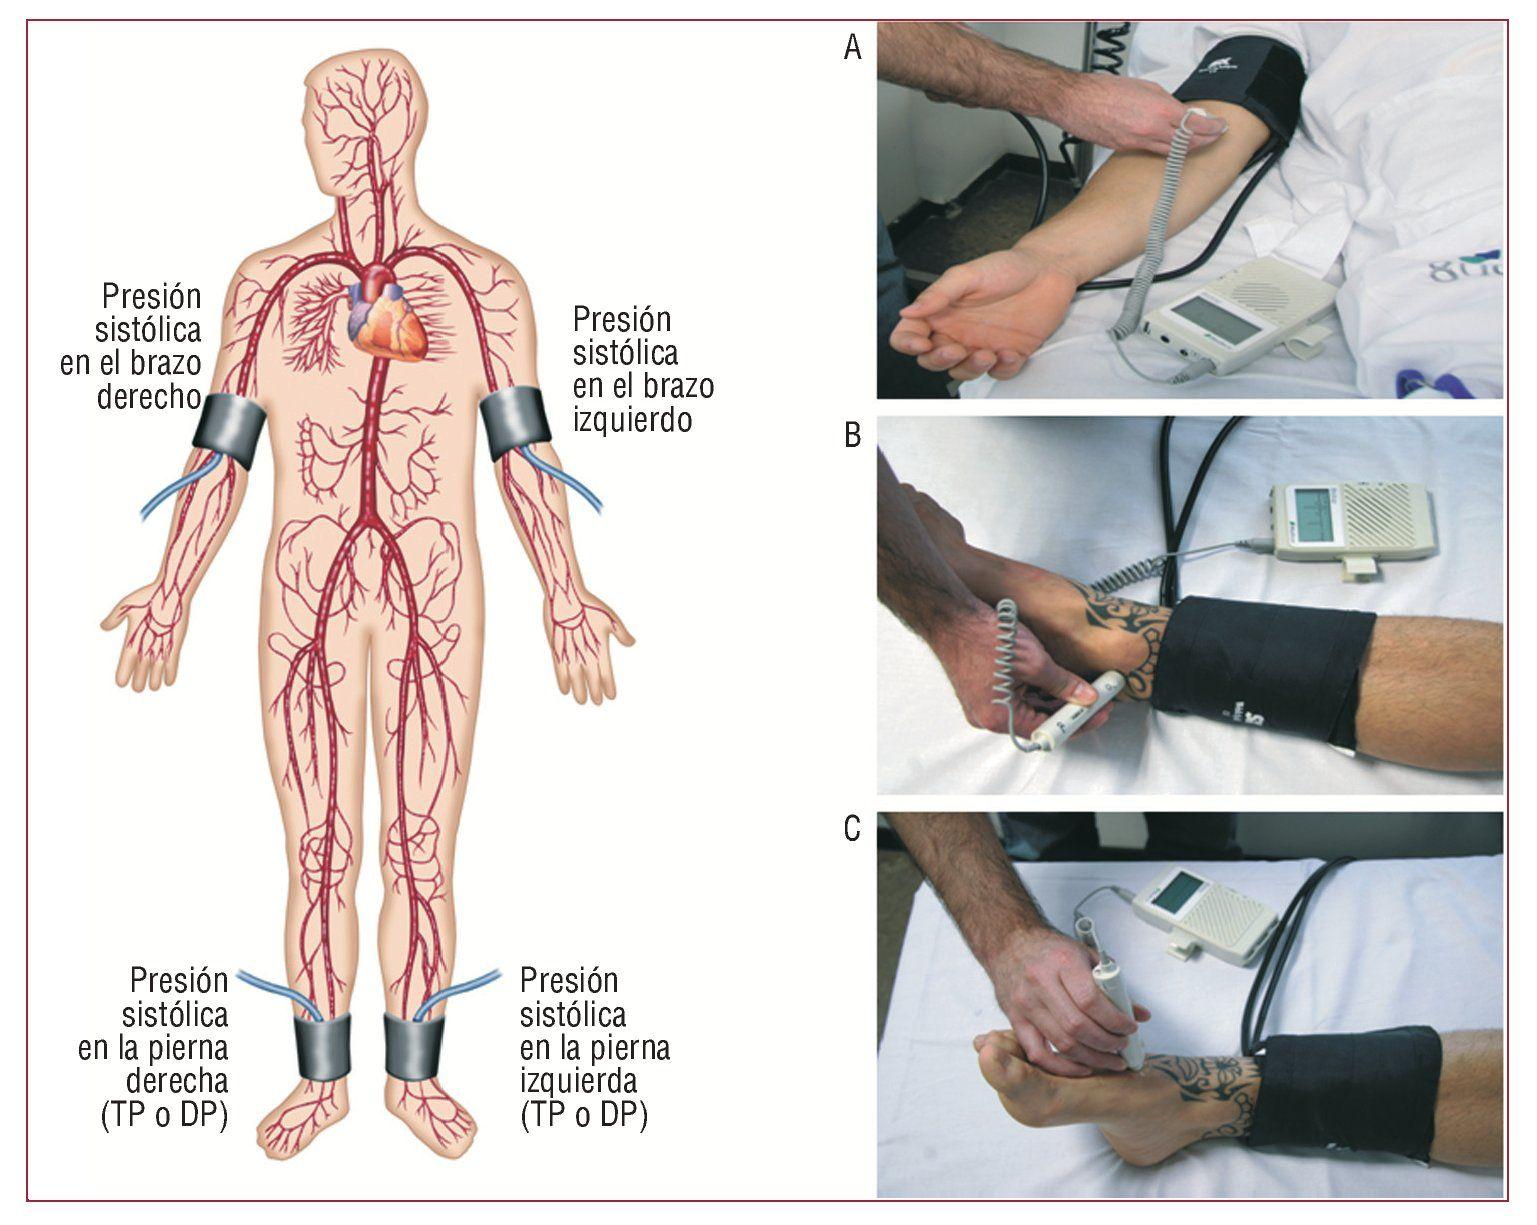 Métodos Diagnósticos De La Enfermedad Arterial Periférica Importancia Del índice Tobillo Brazo Como Técn Enfermedad Arterial Periférica Enfermedad Cardiología